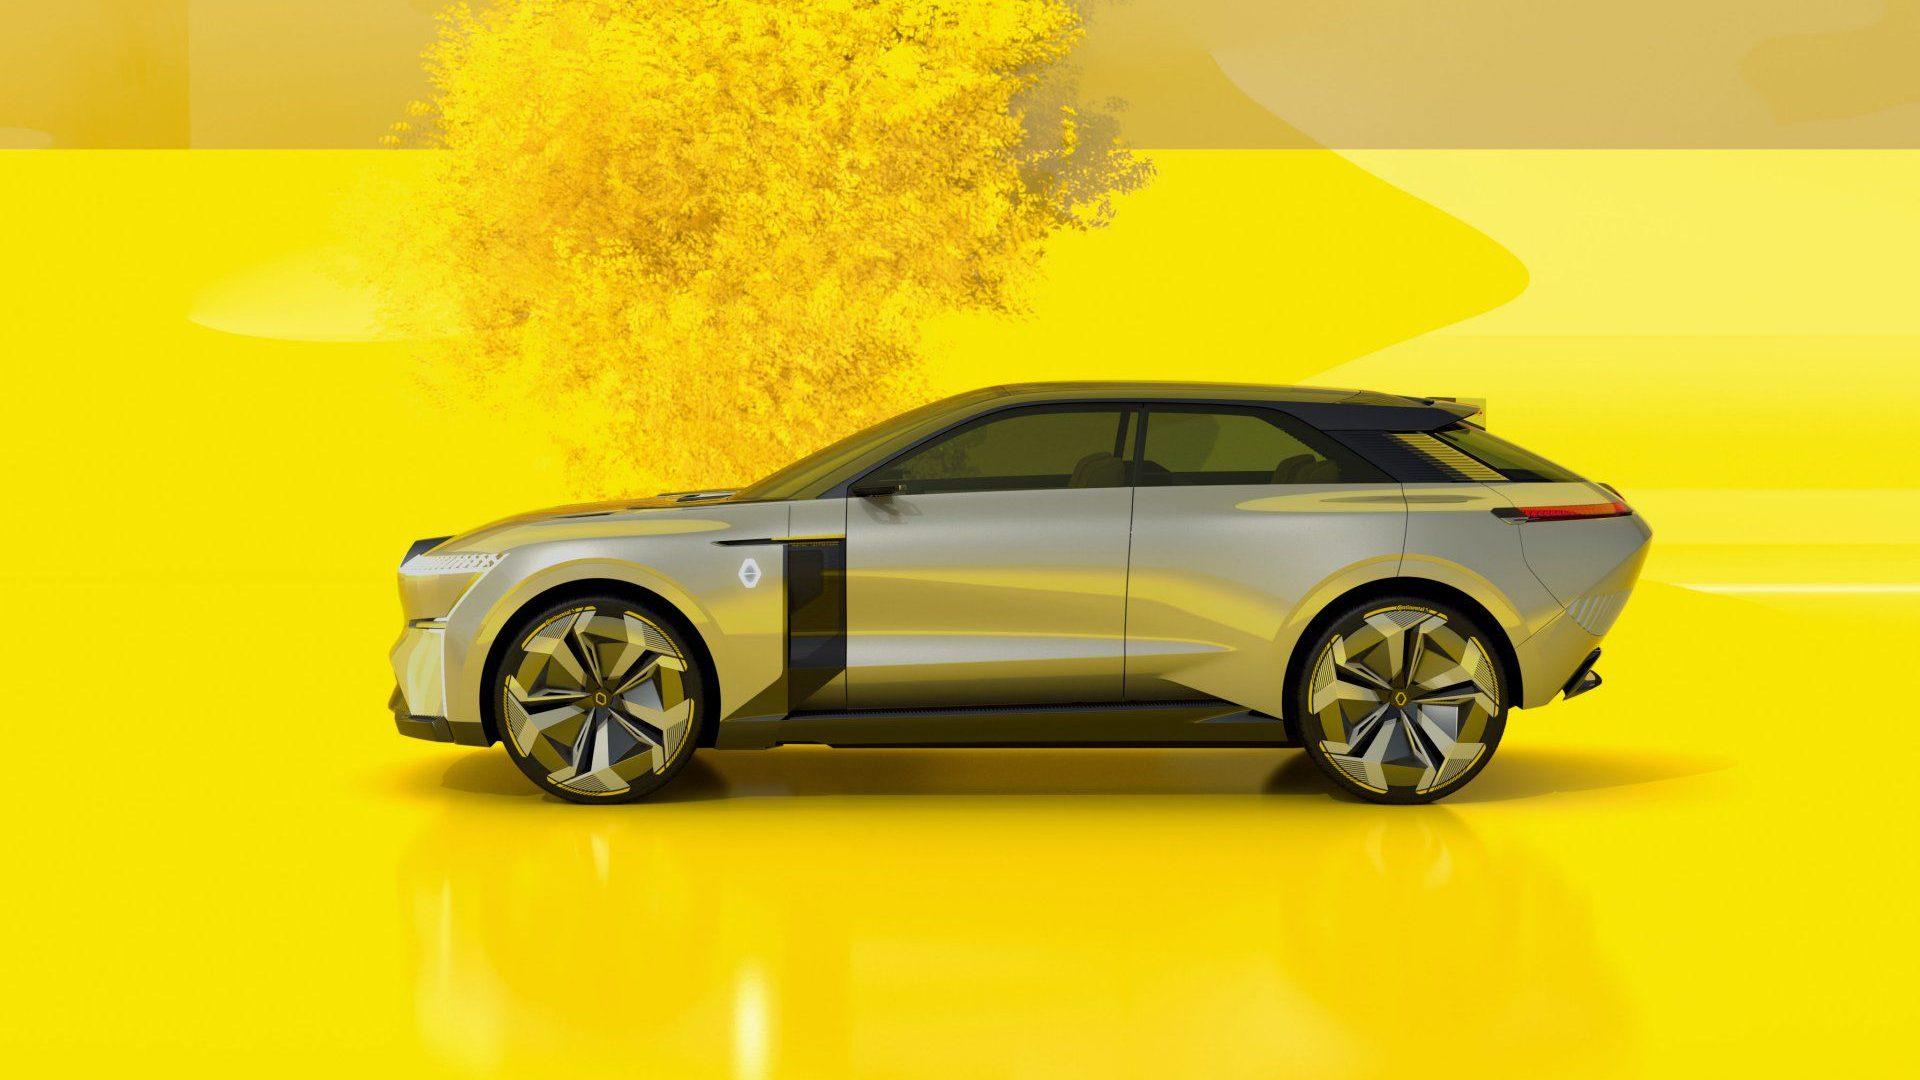 2020-Renault-Morphoz-Concept-025